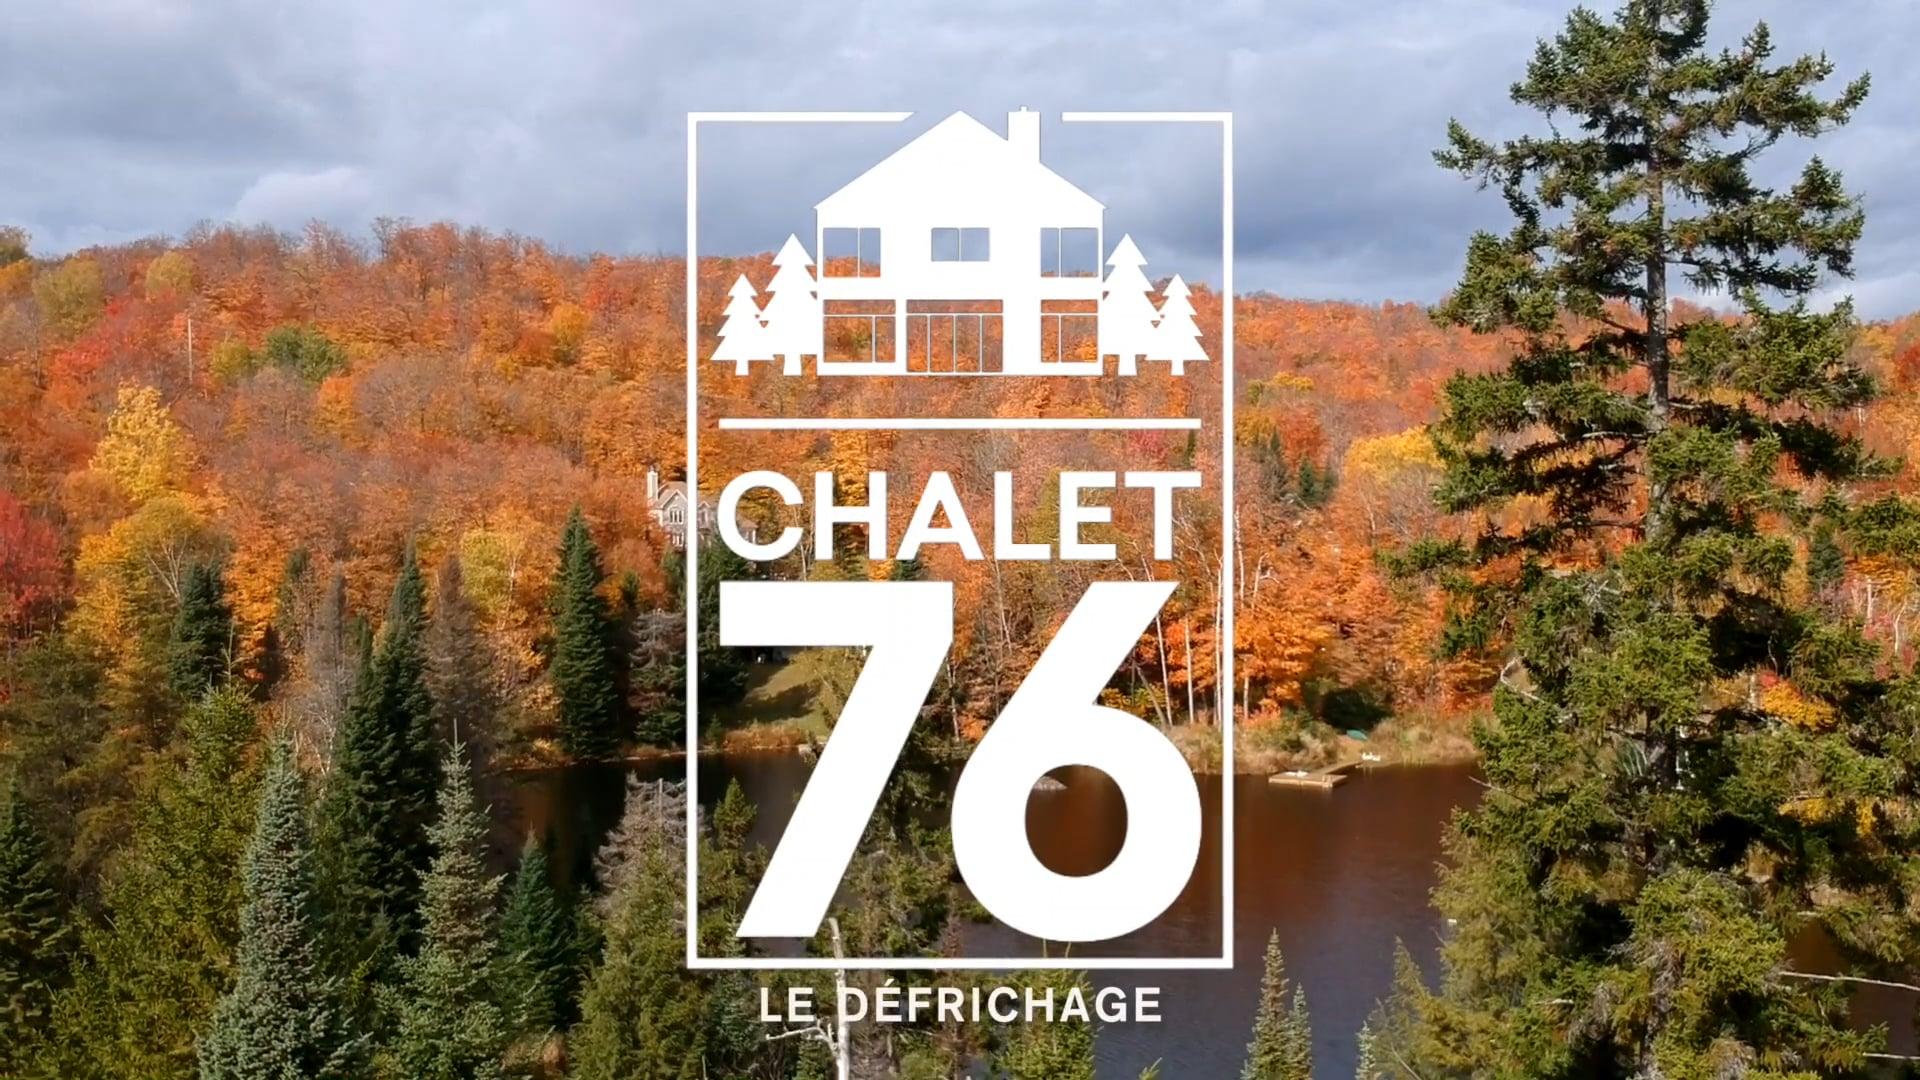 CHALET 76 - Le Défrichage (S01E01)   par *reference design